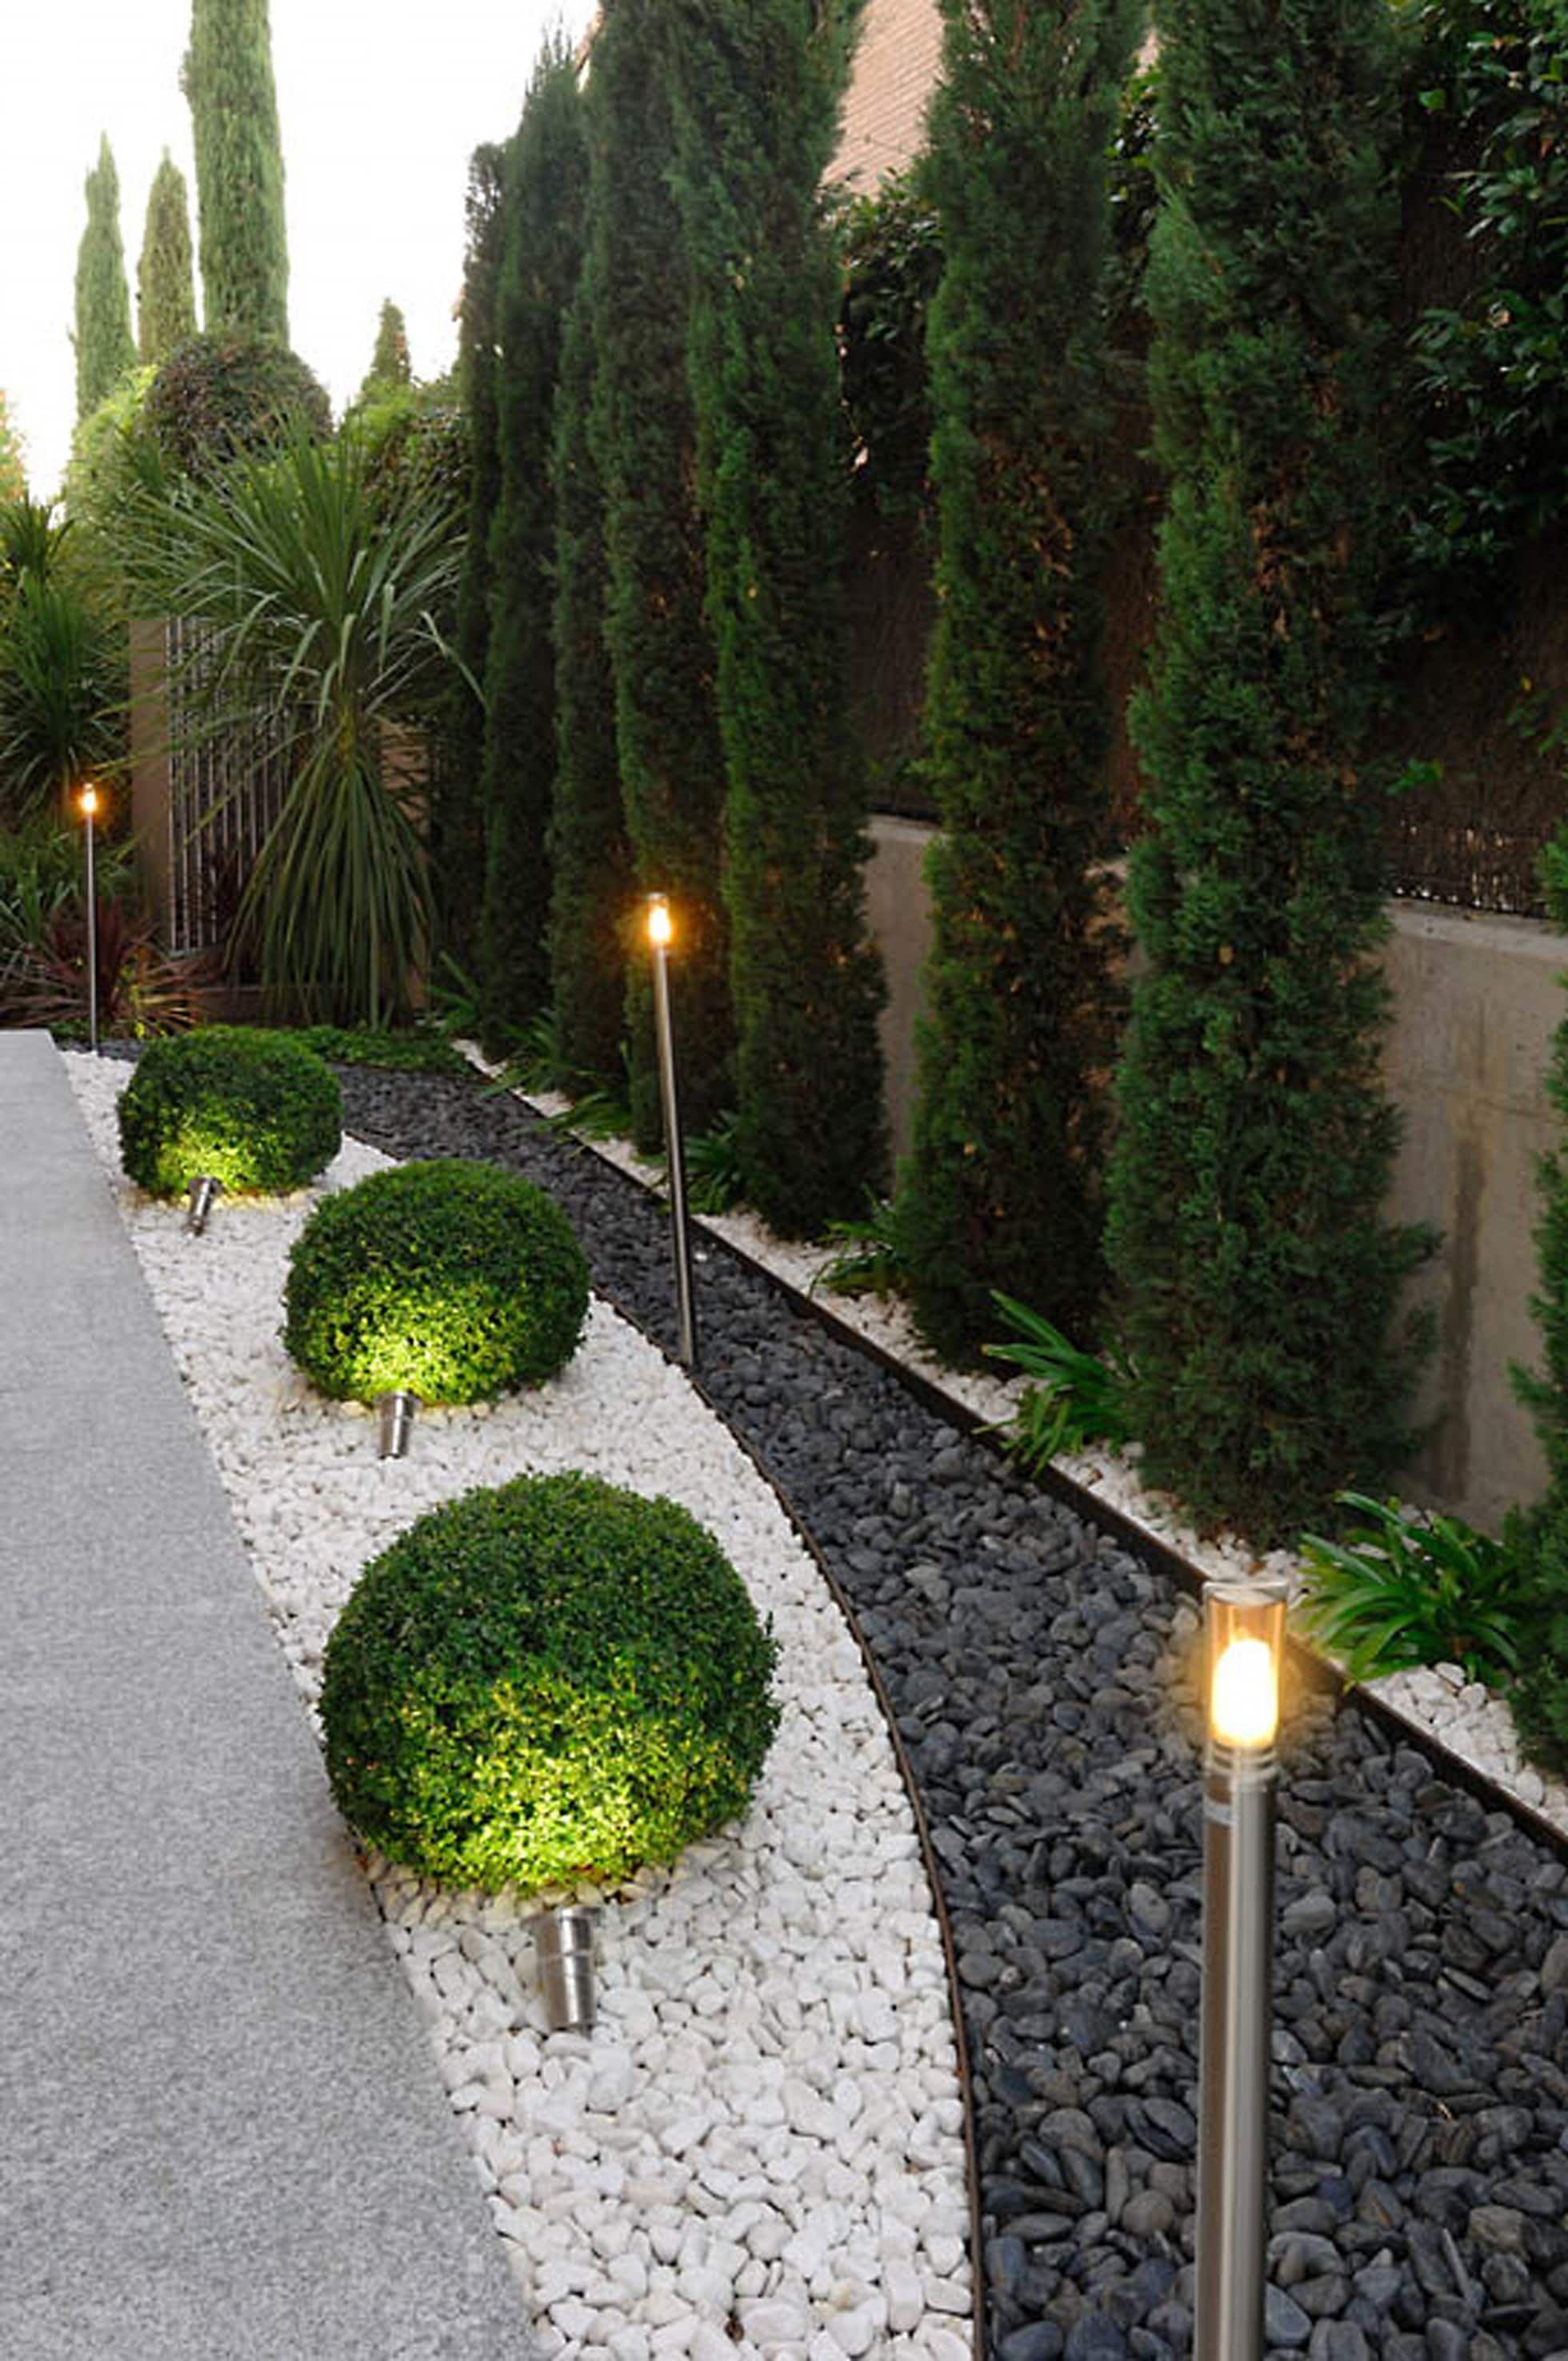 4158bea095e85b26202980f3386d5249 Frais De Decoration Jardin Zen Exterieur Des Idées